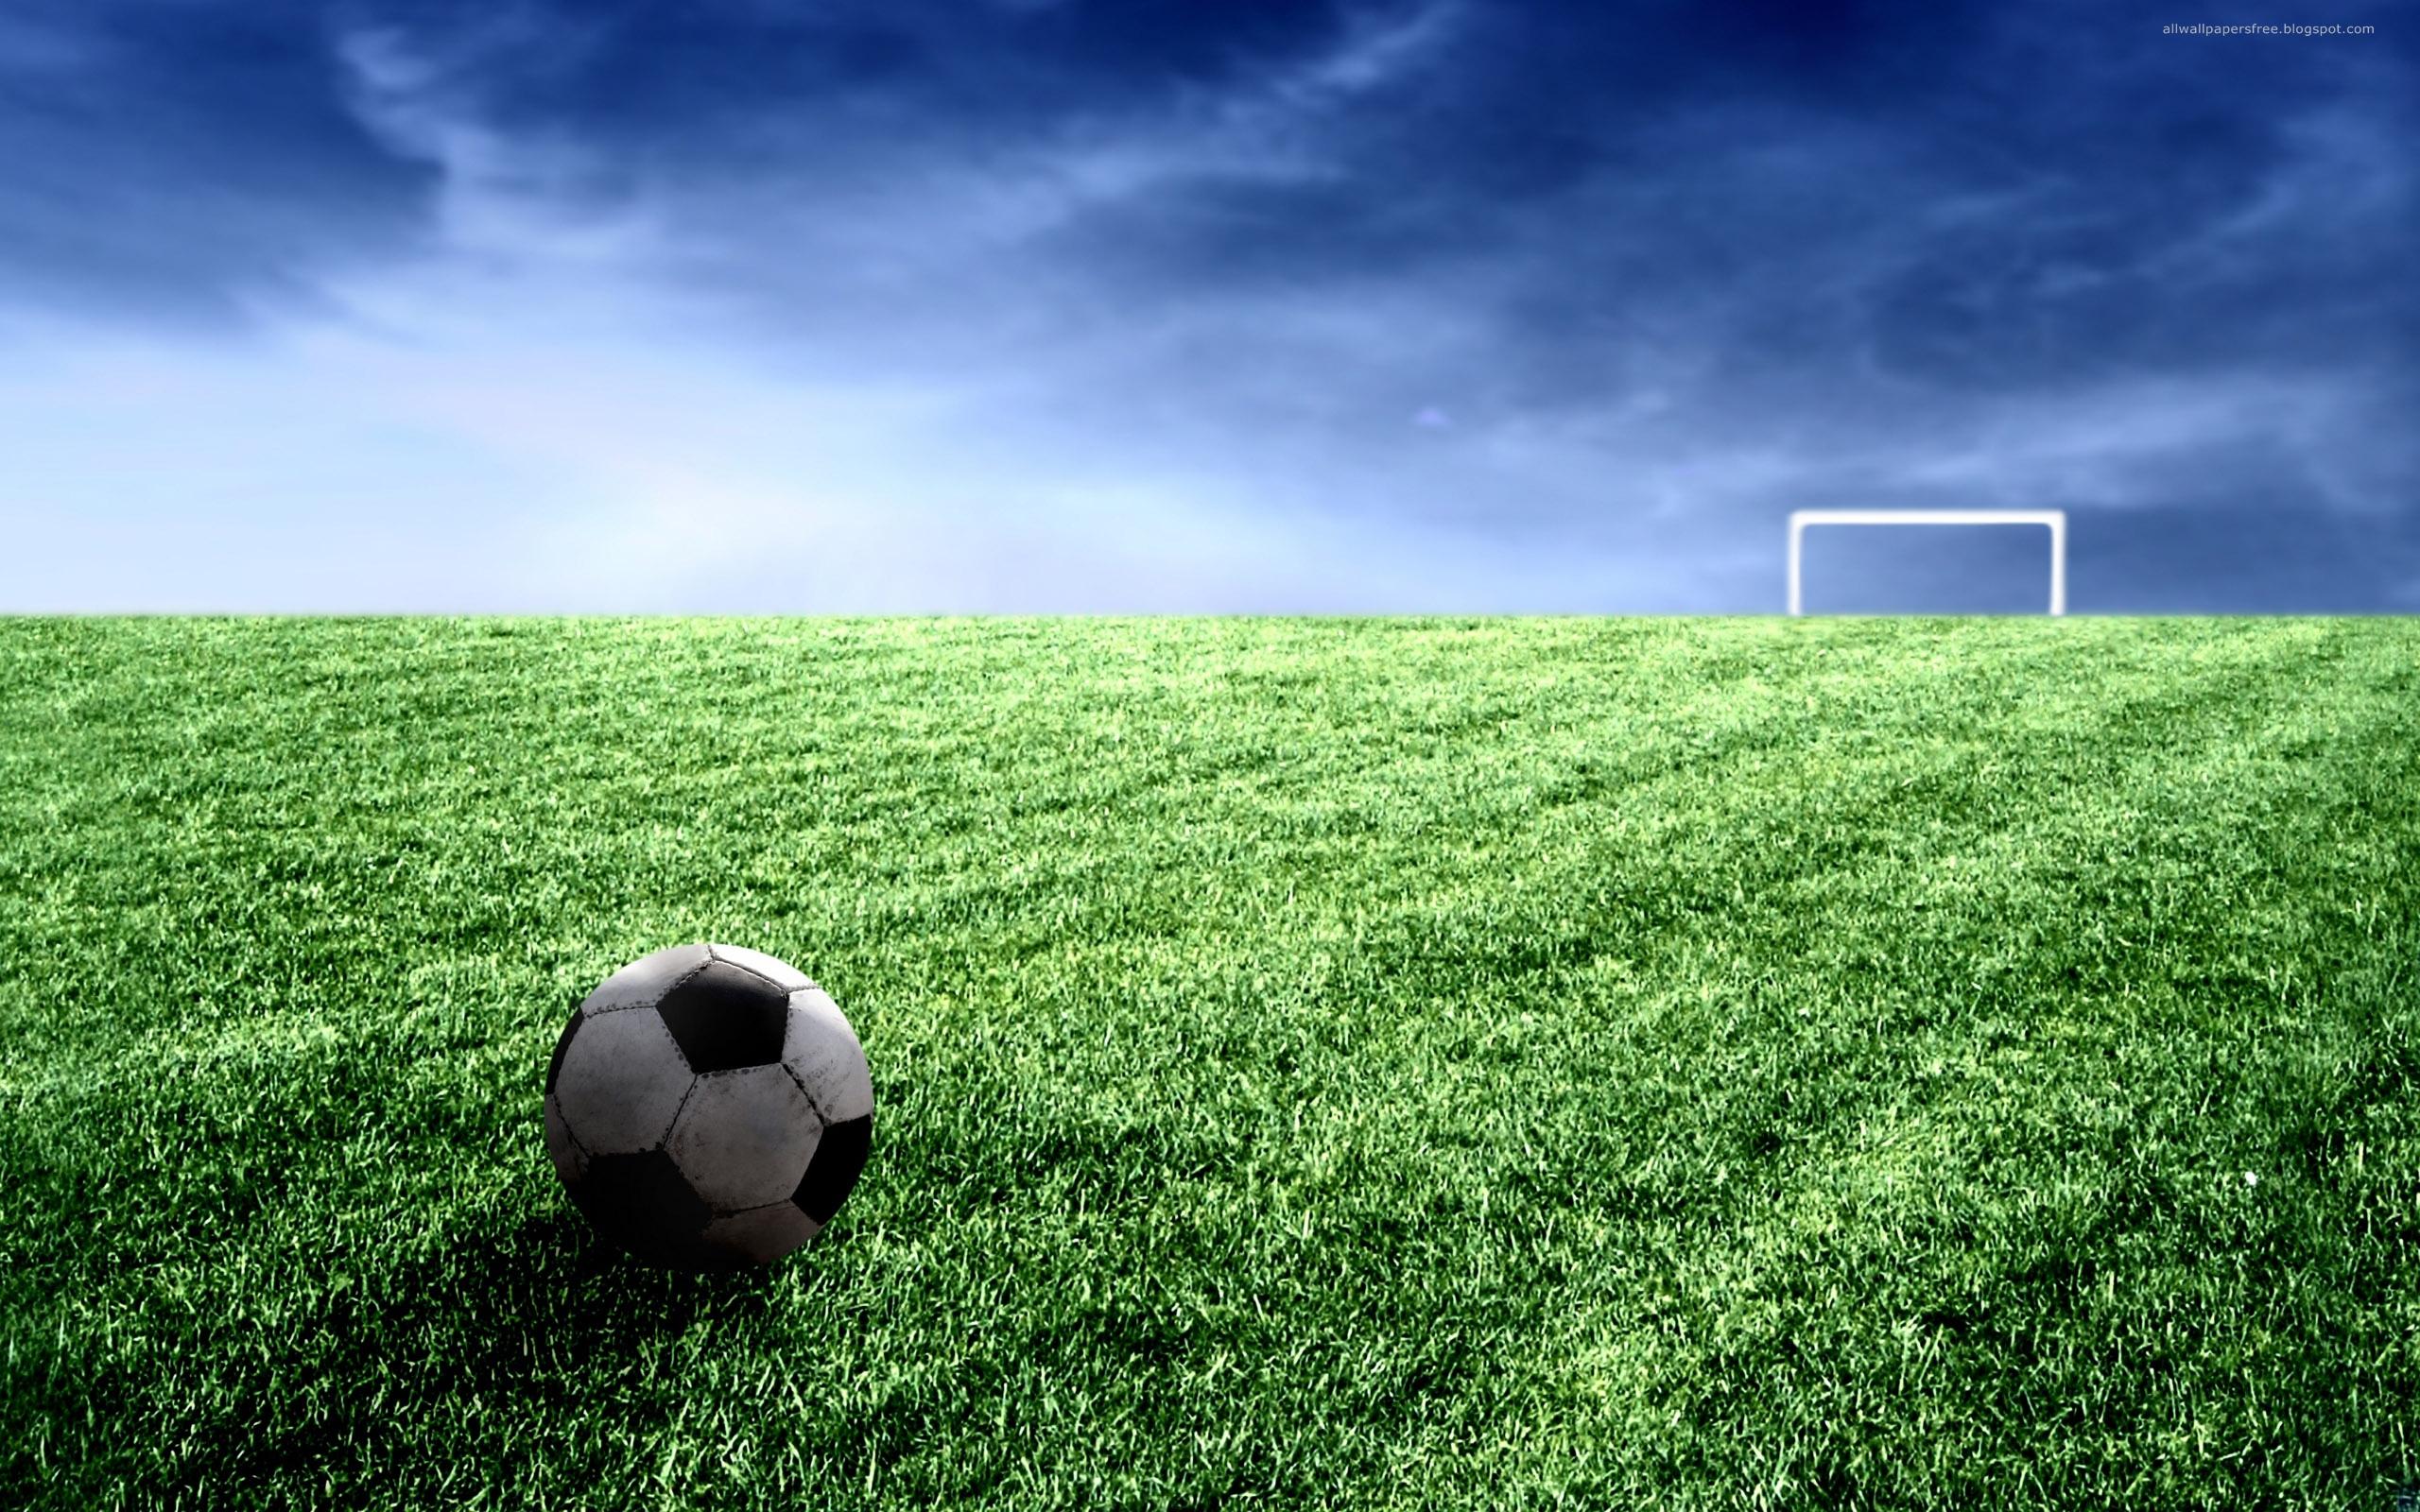 Futebol Full HD Papel de Parede and Planos de Fundo ...